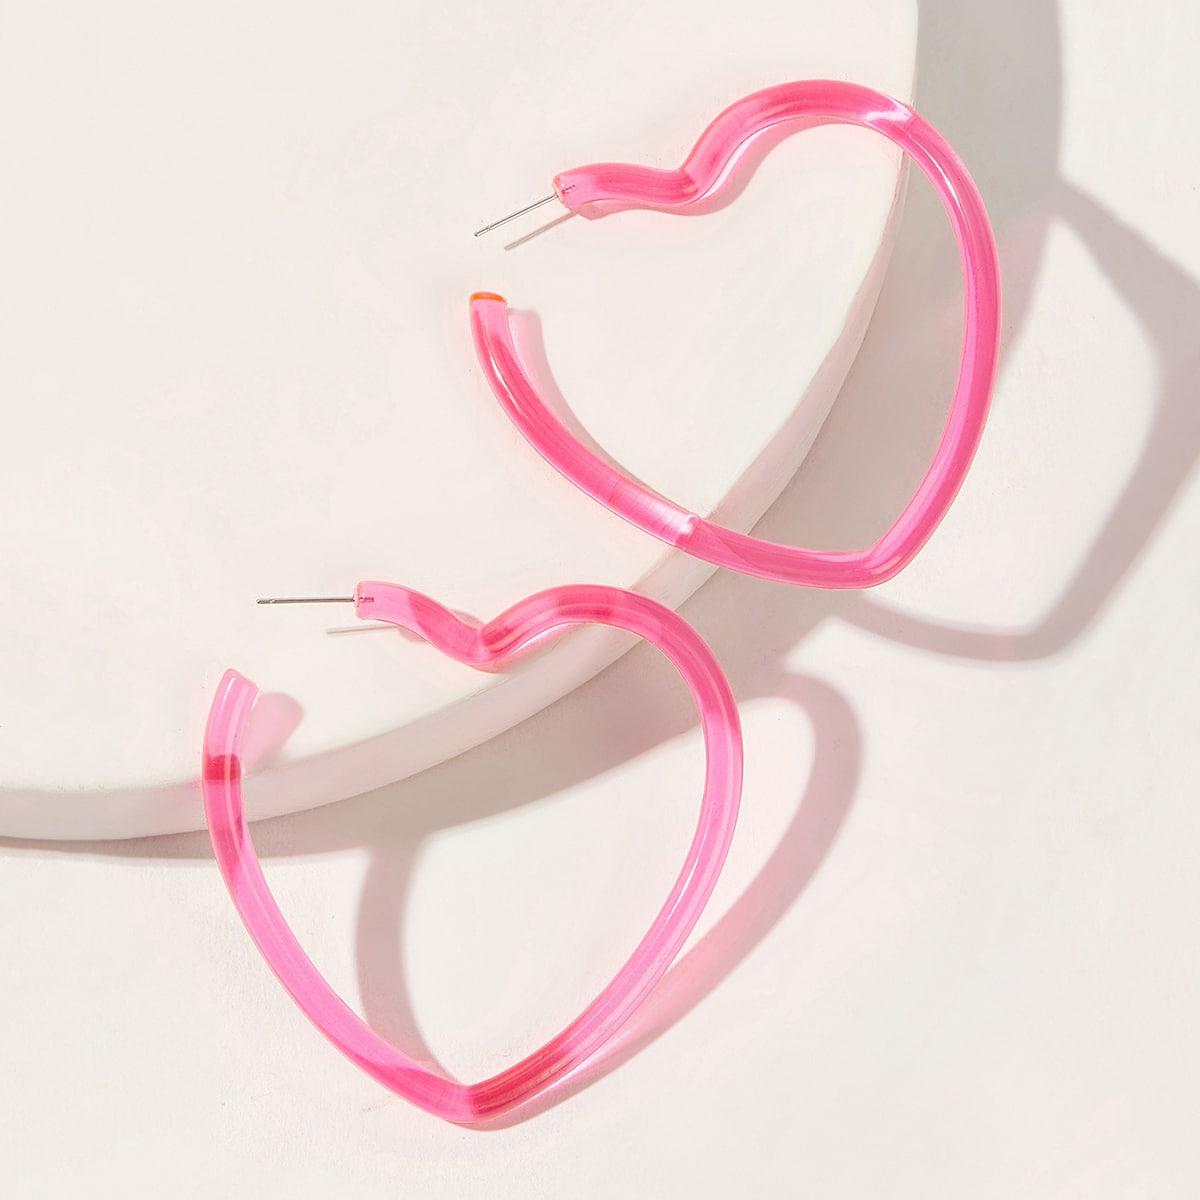 Серьги-кольца в форме сердца 1 пара от SHEIN